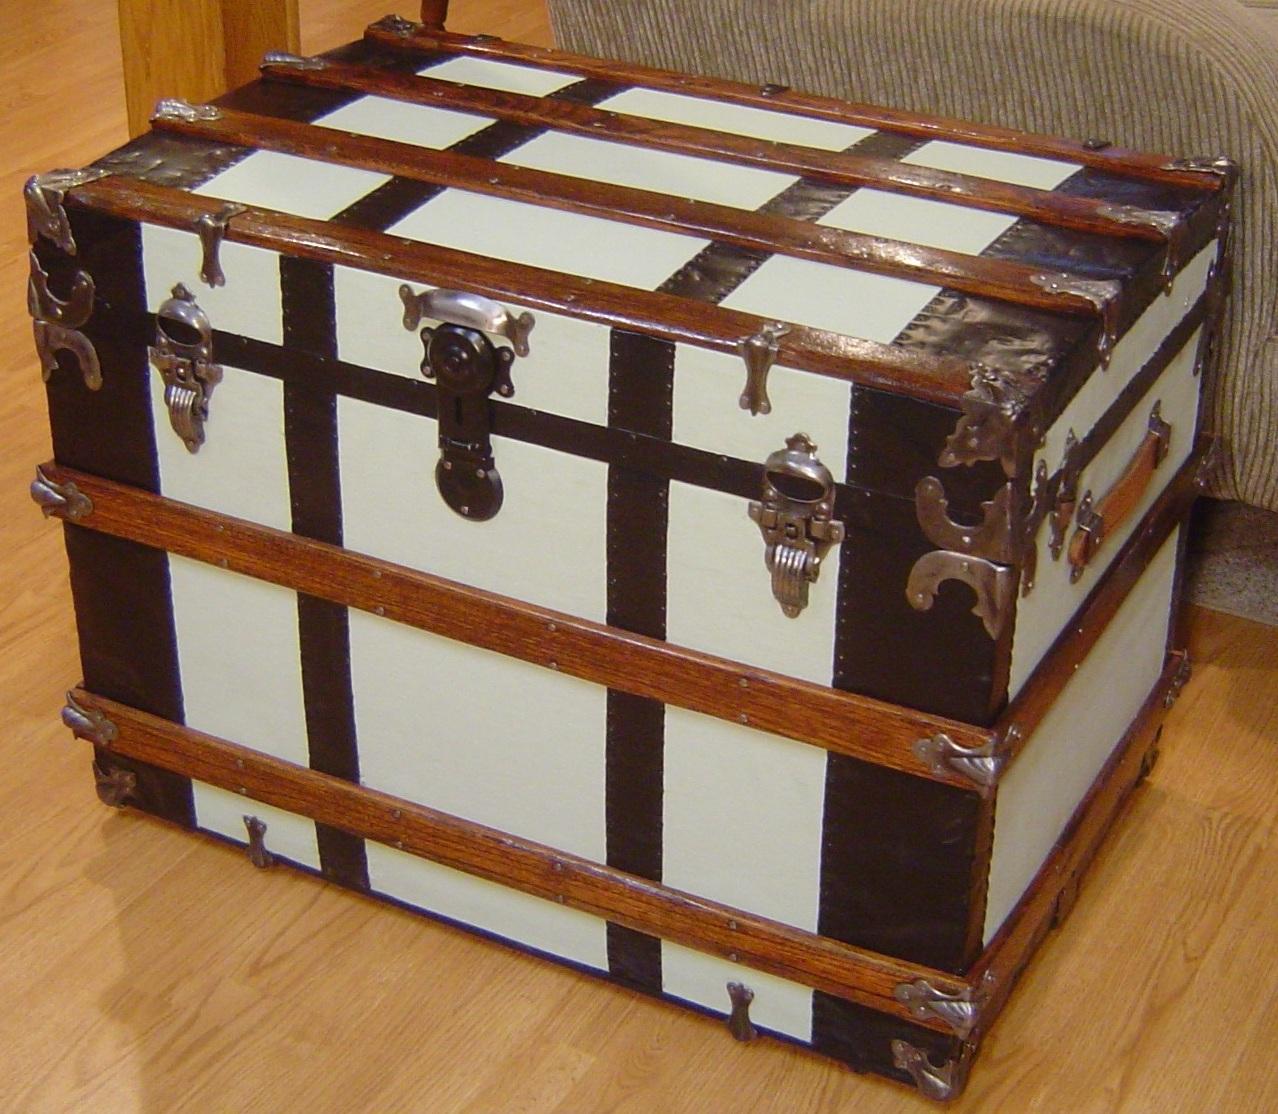 Antique trunk restoration - Shenandoah Restoration - Trunk Hardware, Trunk Restorers